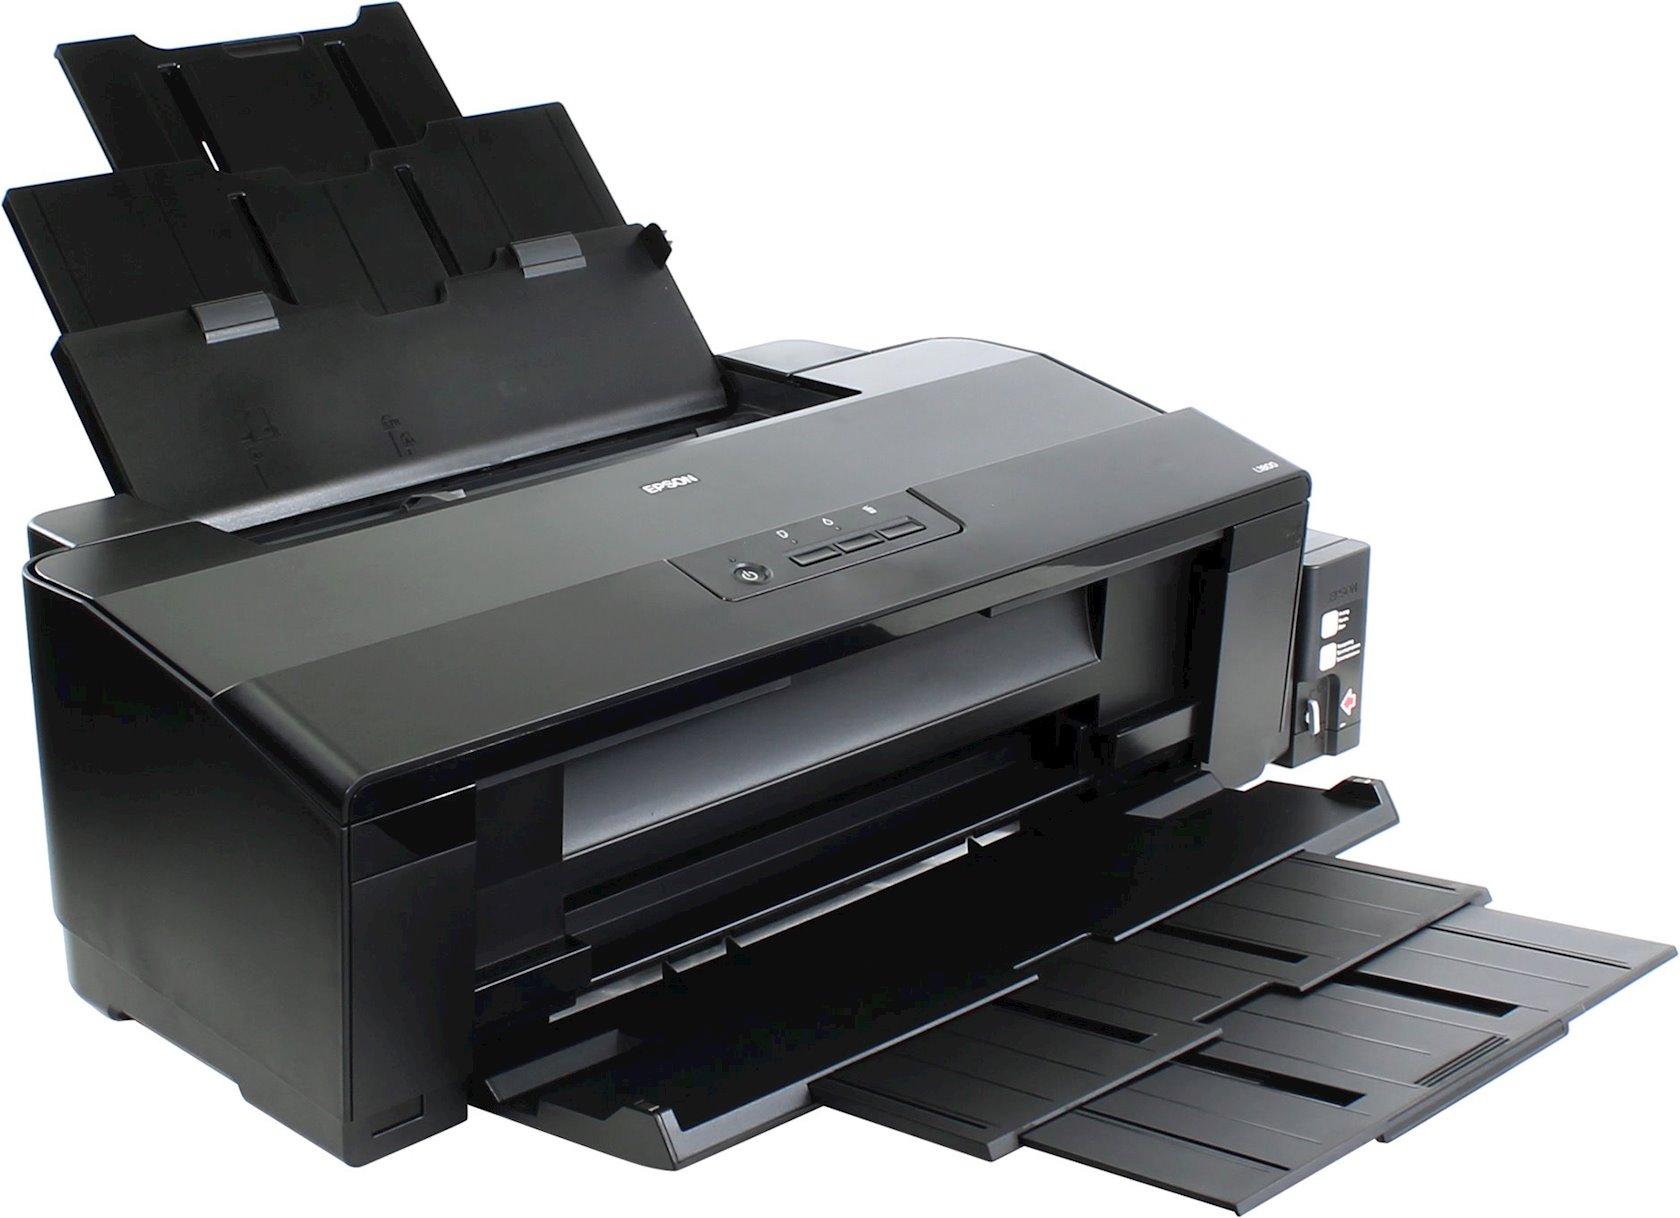 Fotoprinter Epson L1800